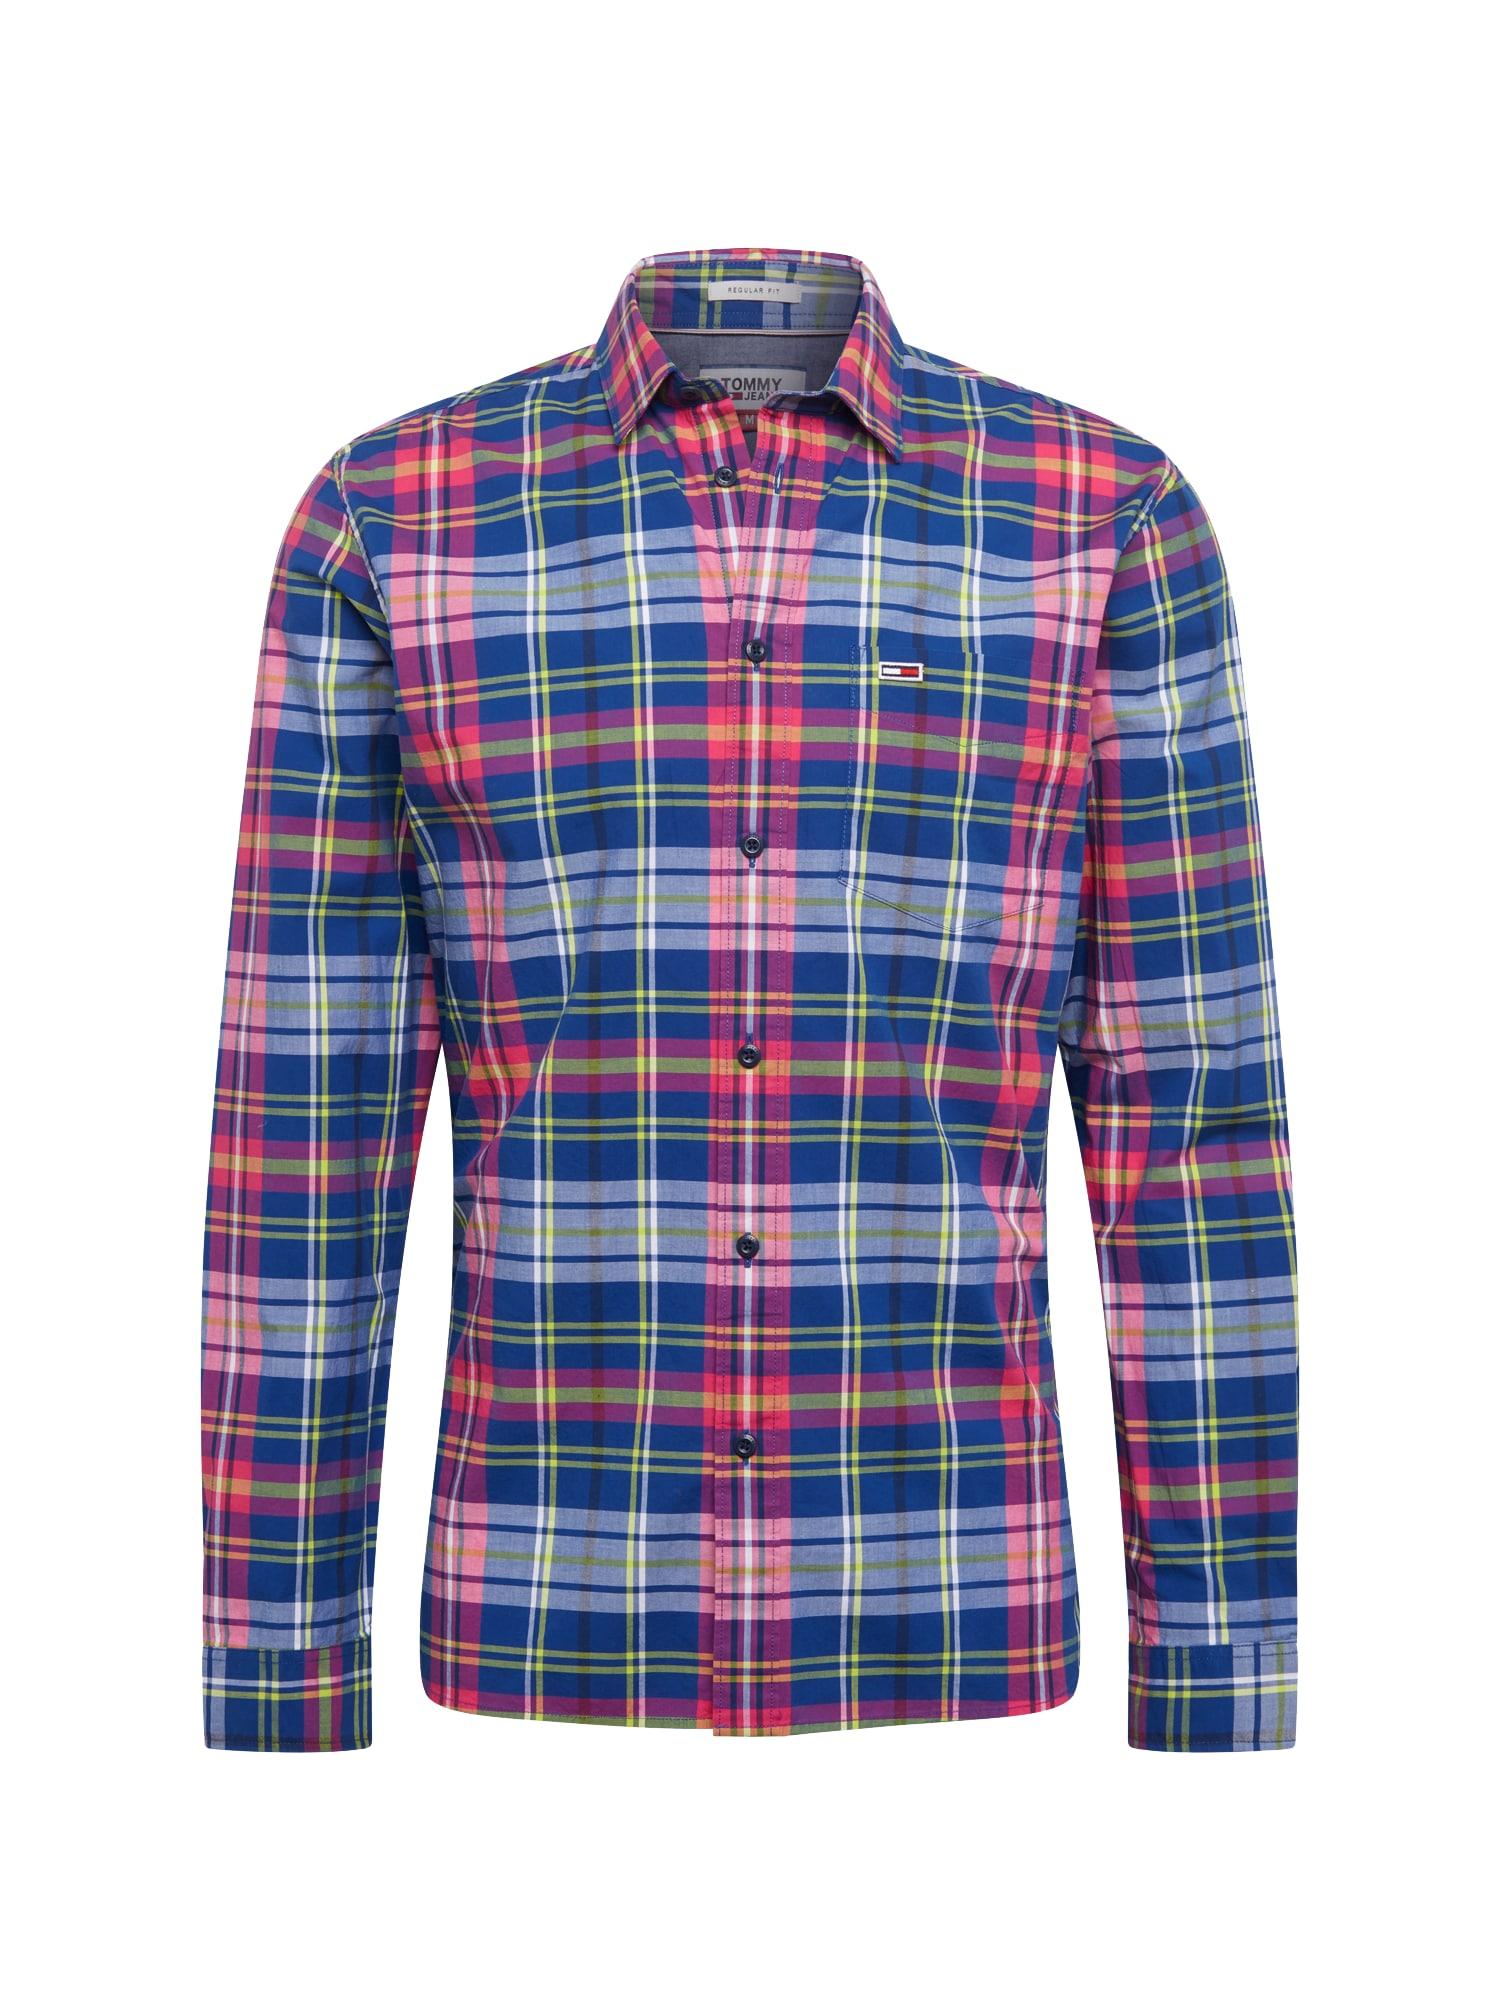 Košile TJM ESSENTIAL BIG CHECK modrá královská modrá pink Tommy Jeans